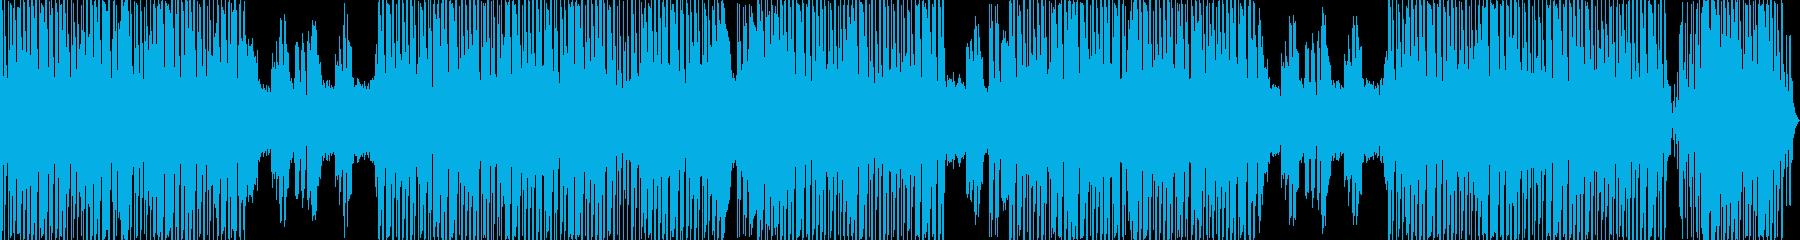 王の品格を表したヒップホップの再生済みの波形